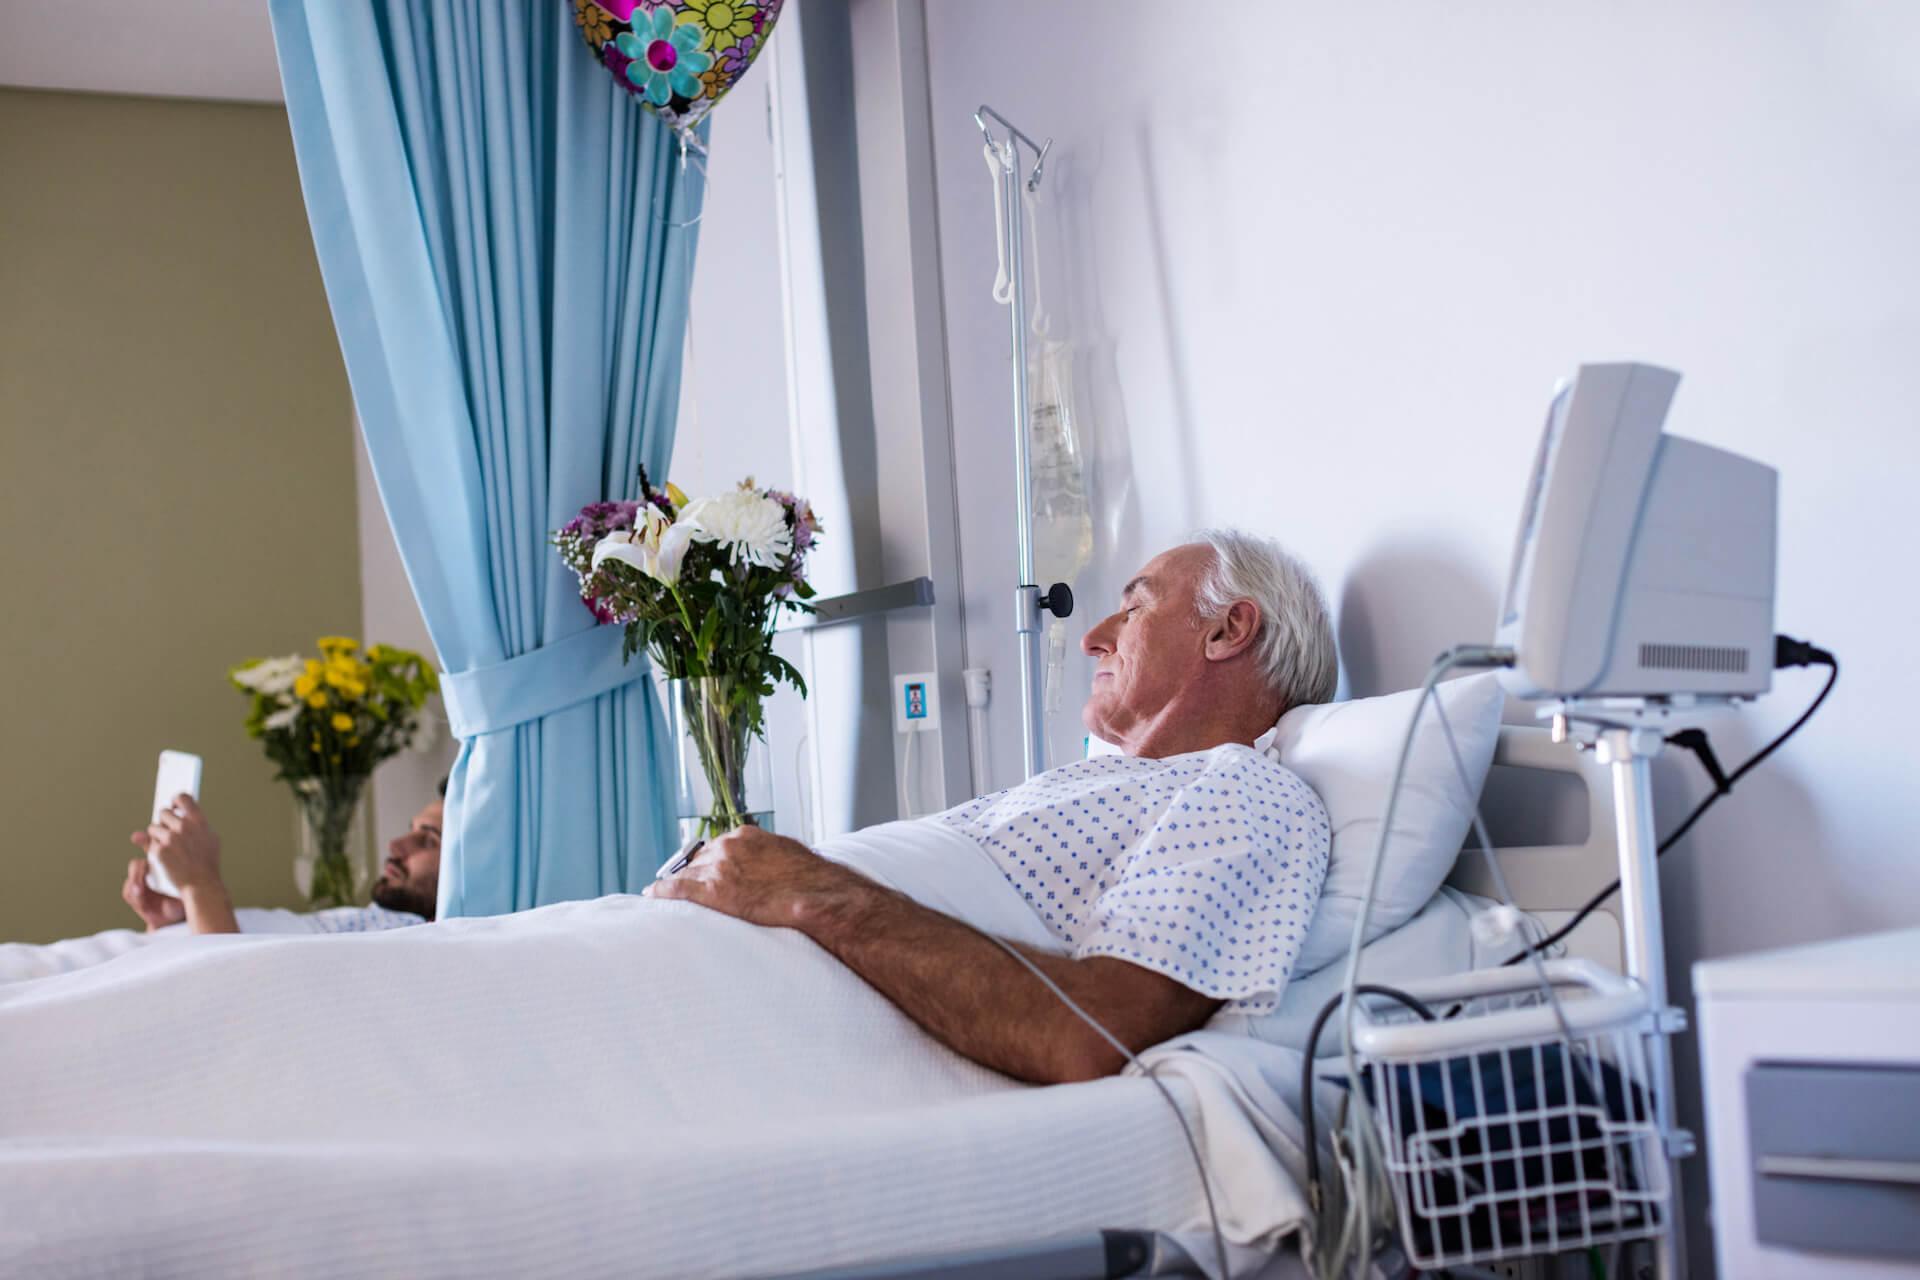 The Best Bedridden Patient Care Equipment